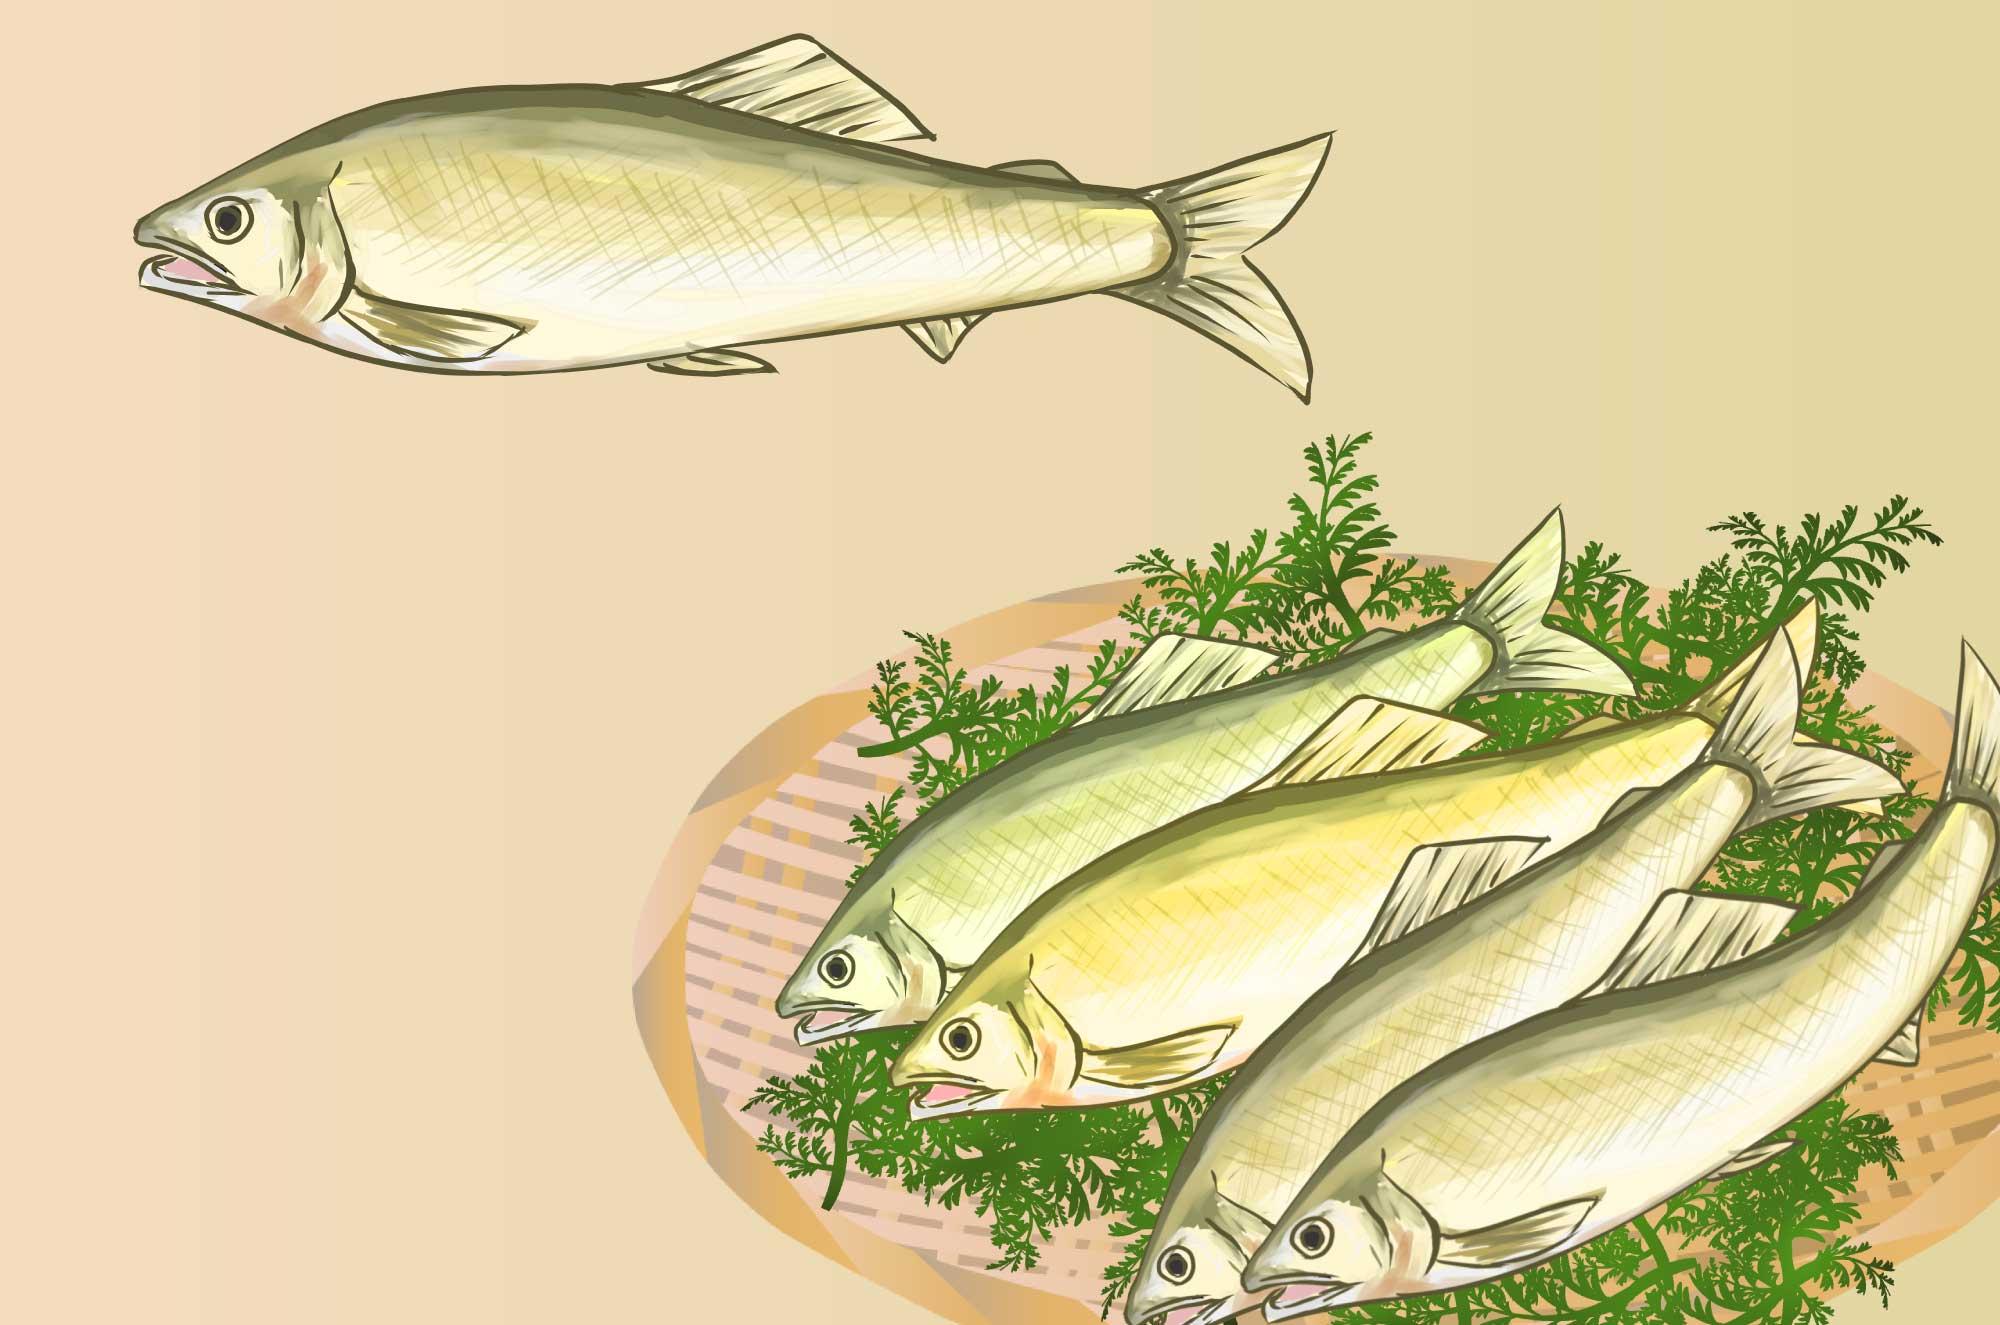 鮎(アユ)のイラスト - カラー・白黒無料の川魚の素材